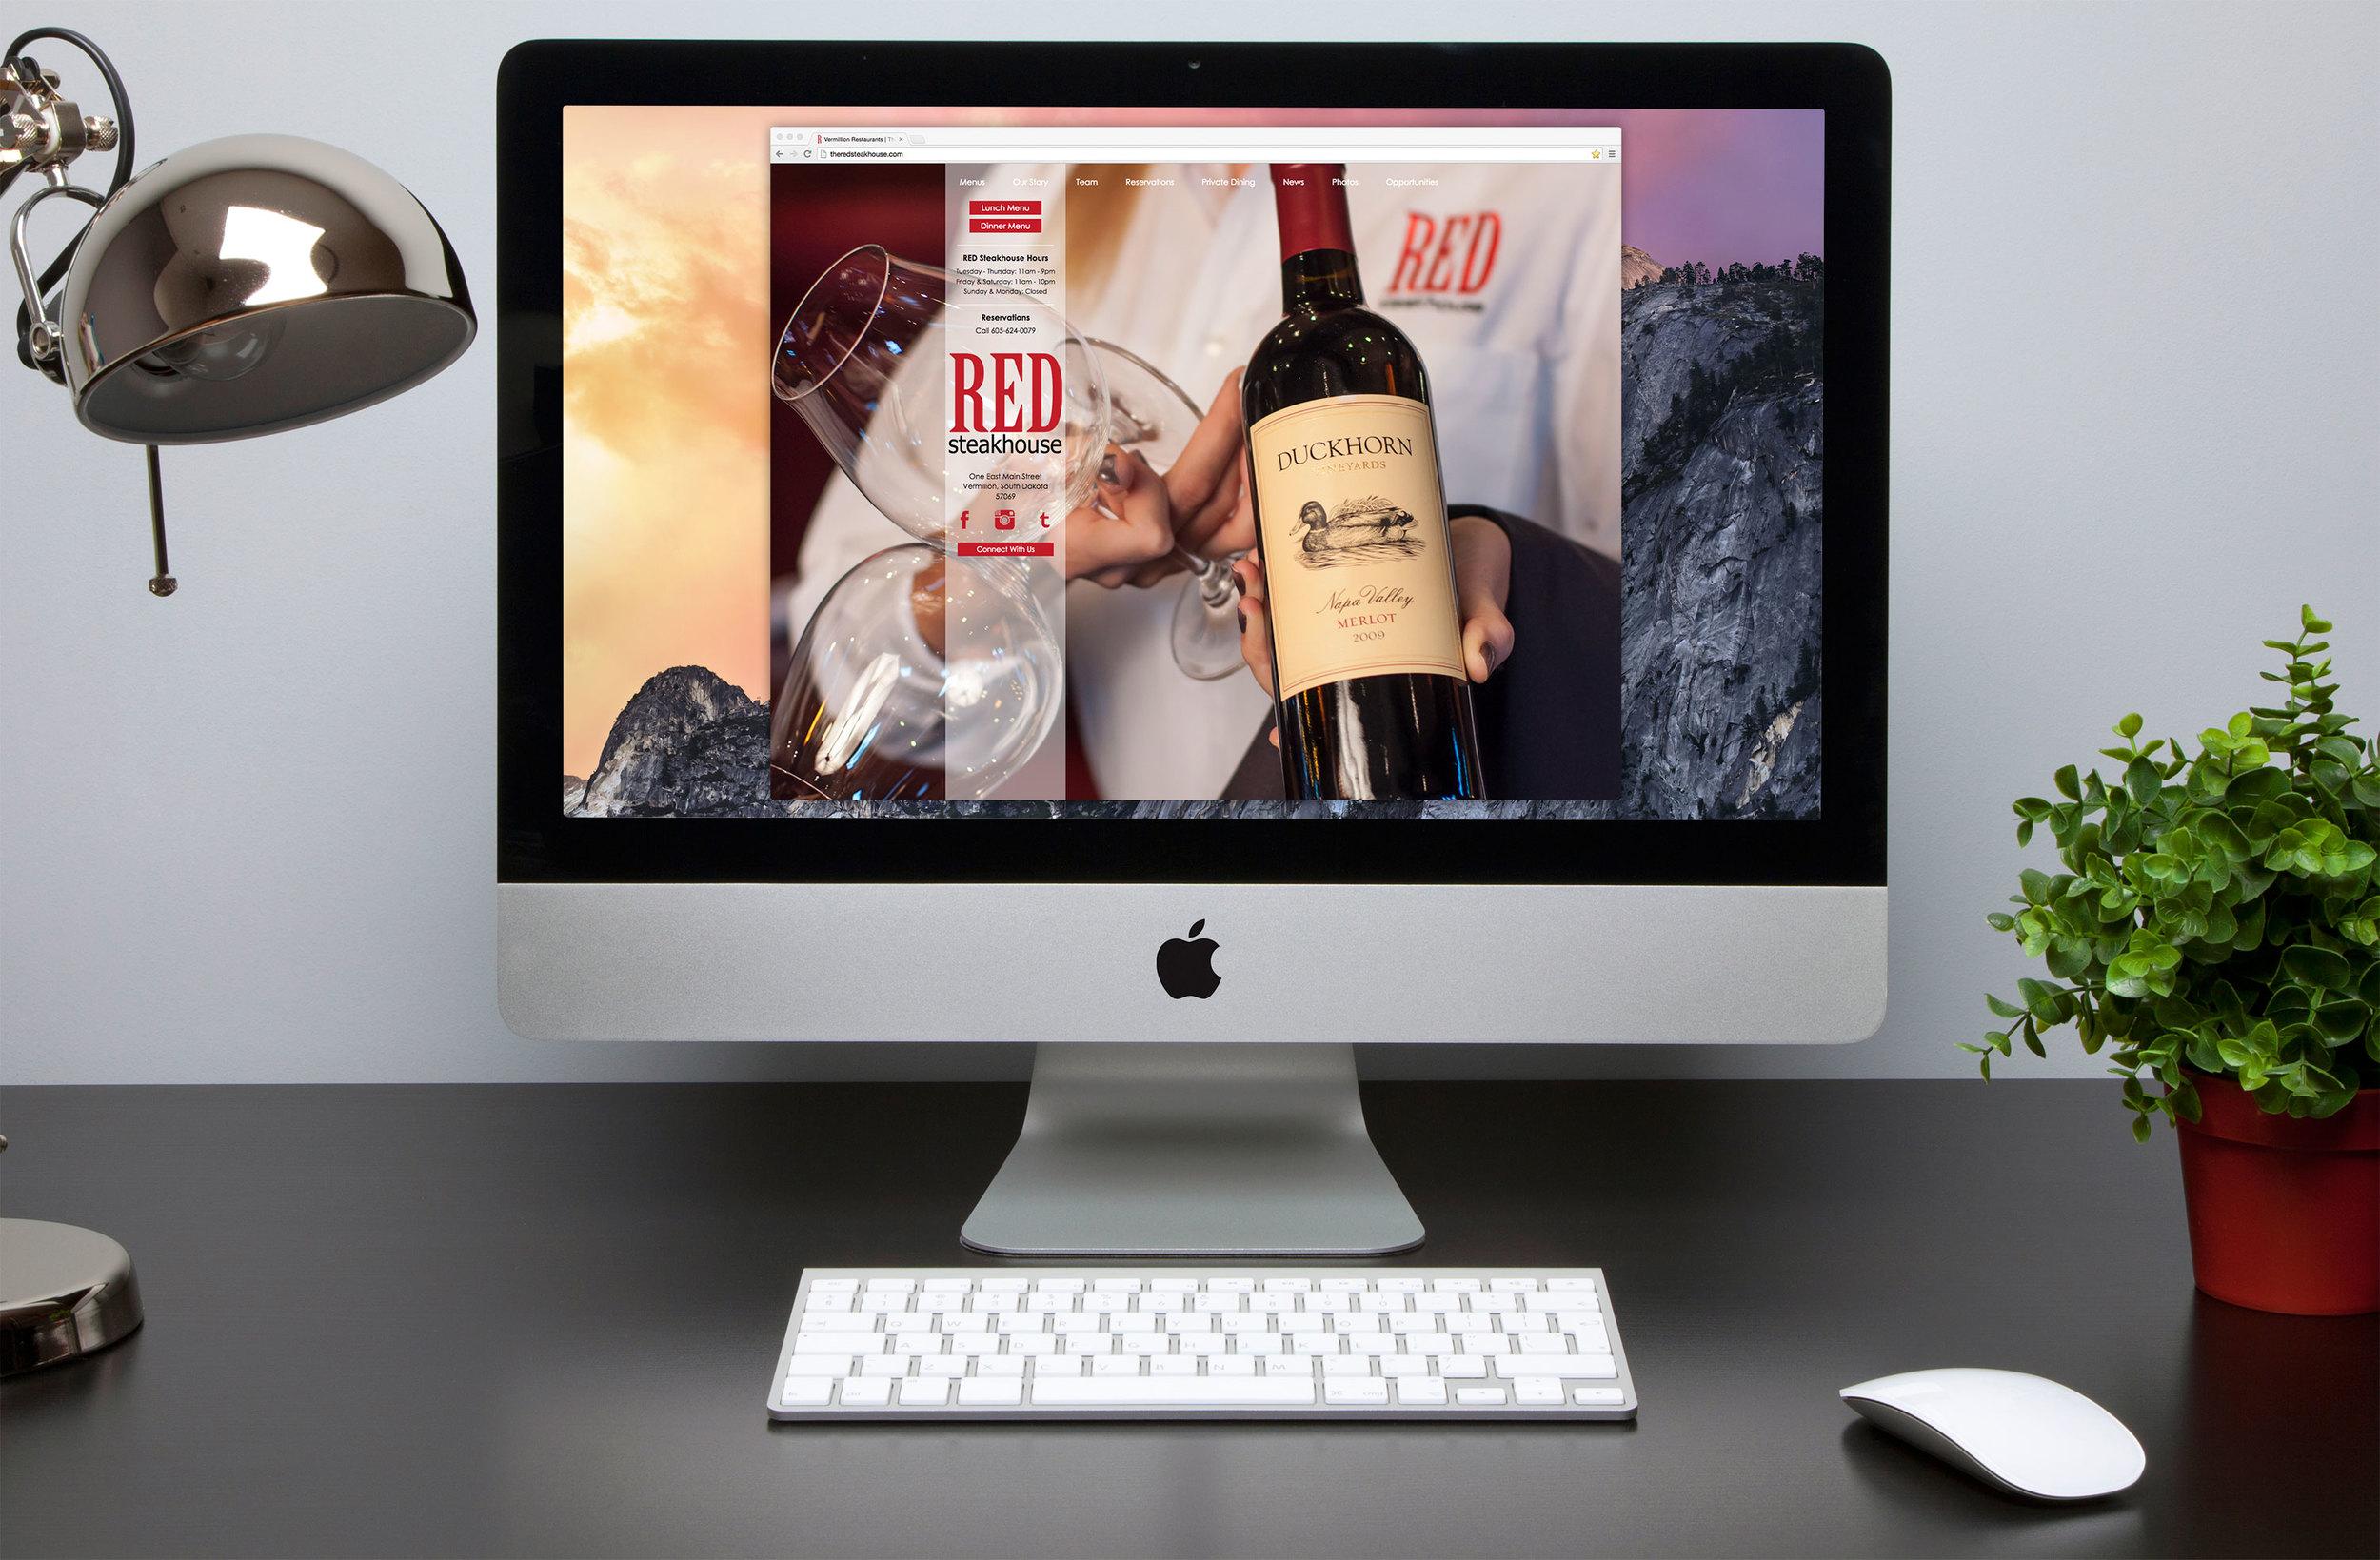 red-steakhouse-website-10.jpg